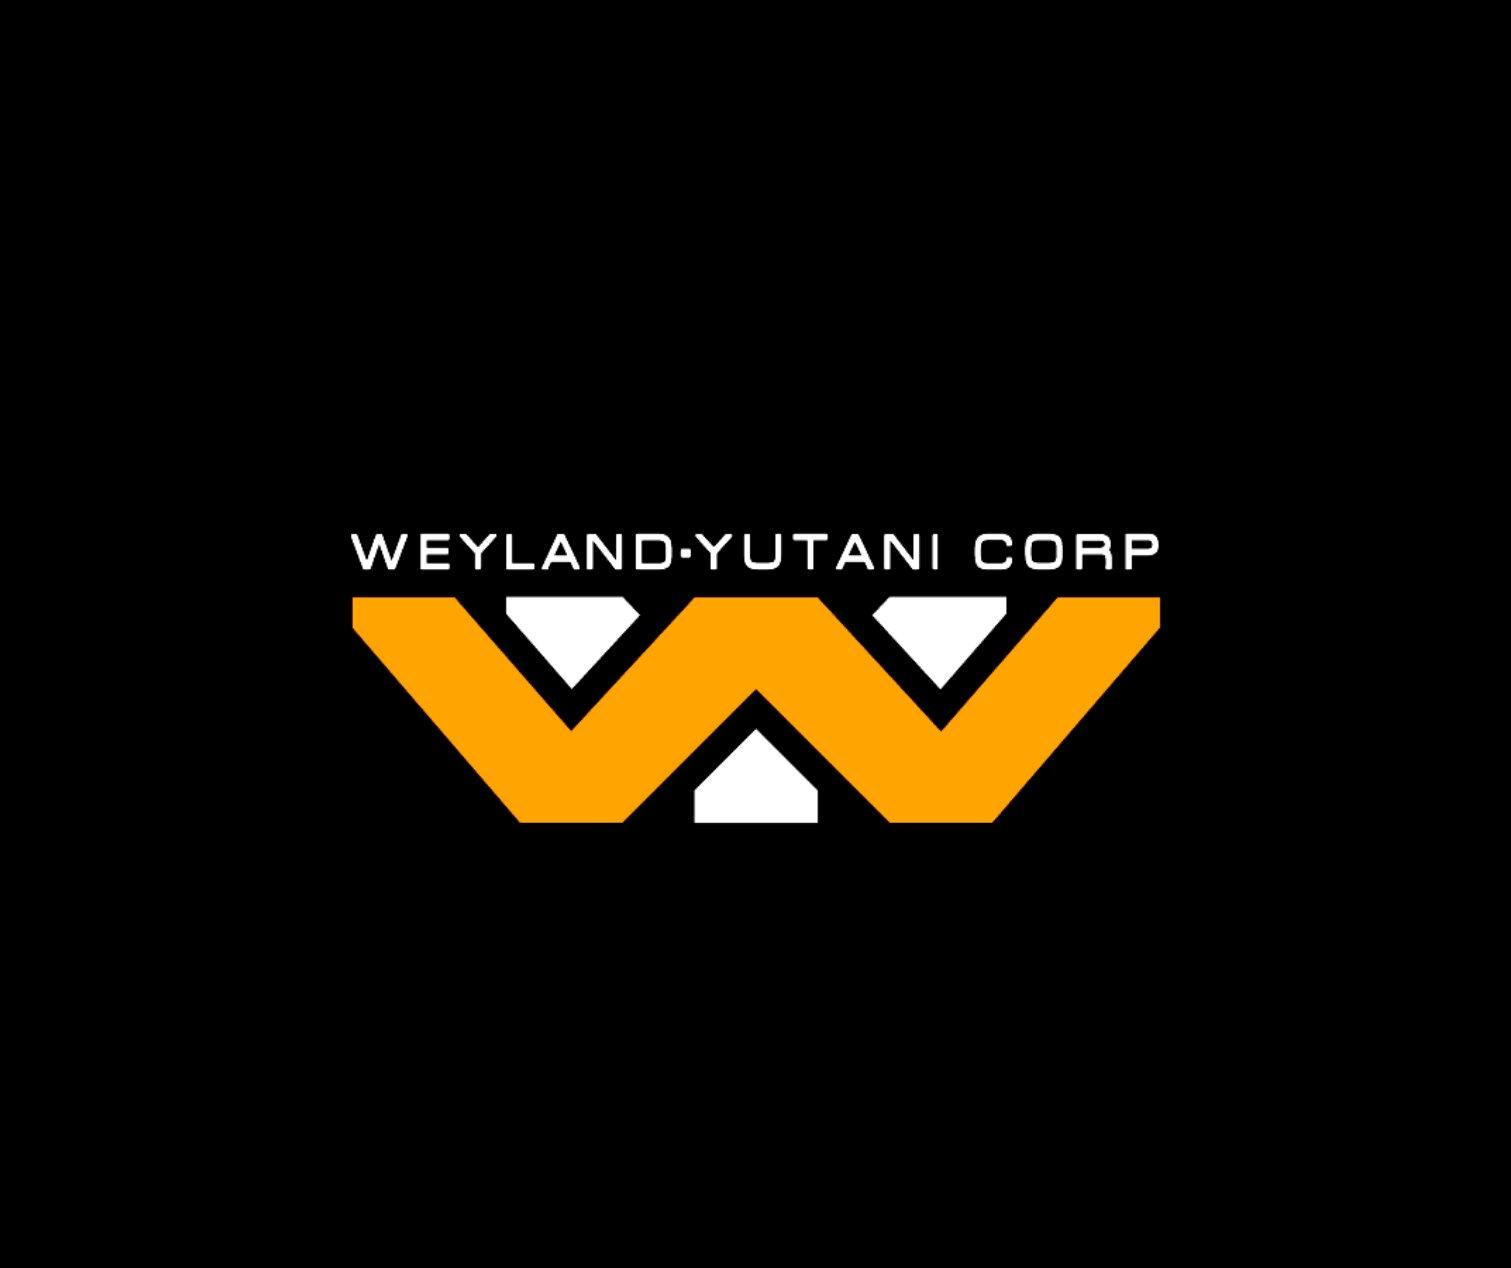 Weyland-Yutani e capitalismo